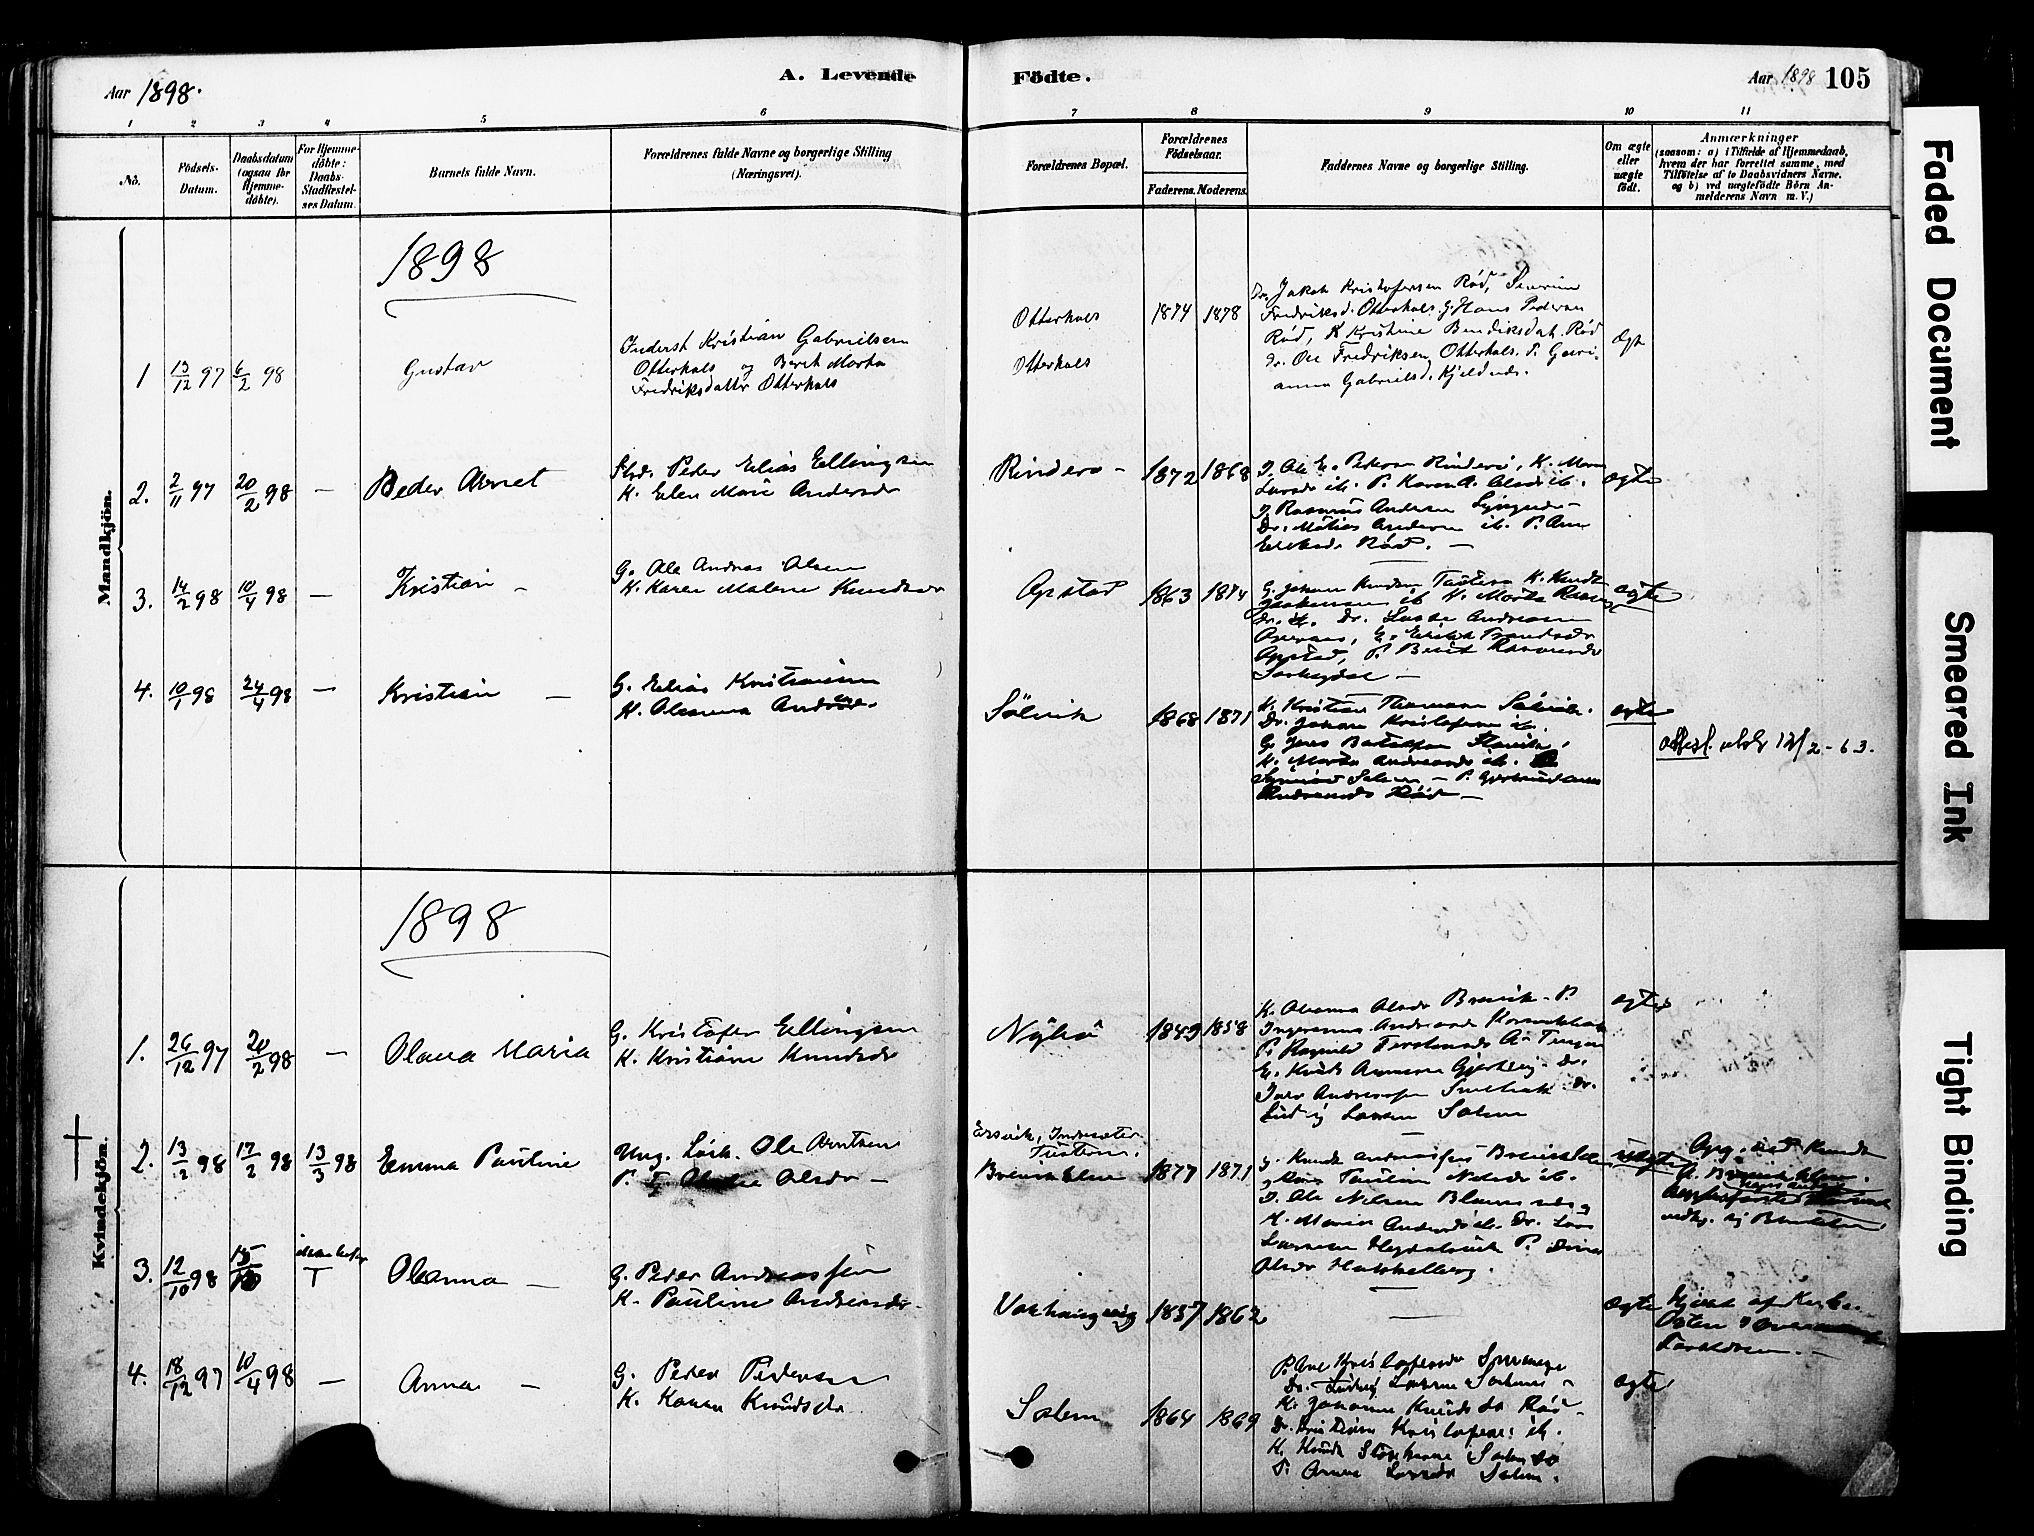 SAT, Ministerialprotokoller, klokkerbøker og fødselsregistre - Møre og Romsdal, 560/L0721: Ministerialbok nr. 560A05, 1878-1917, s. 105